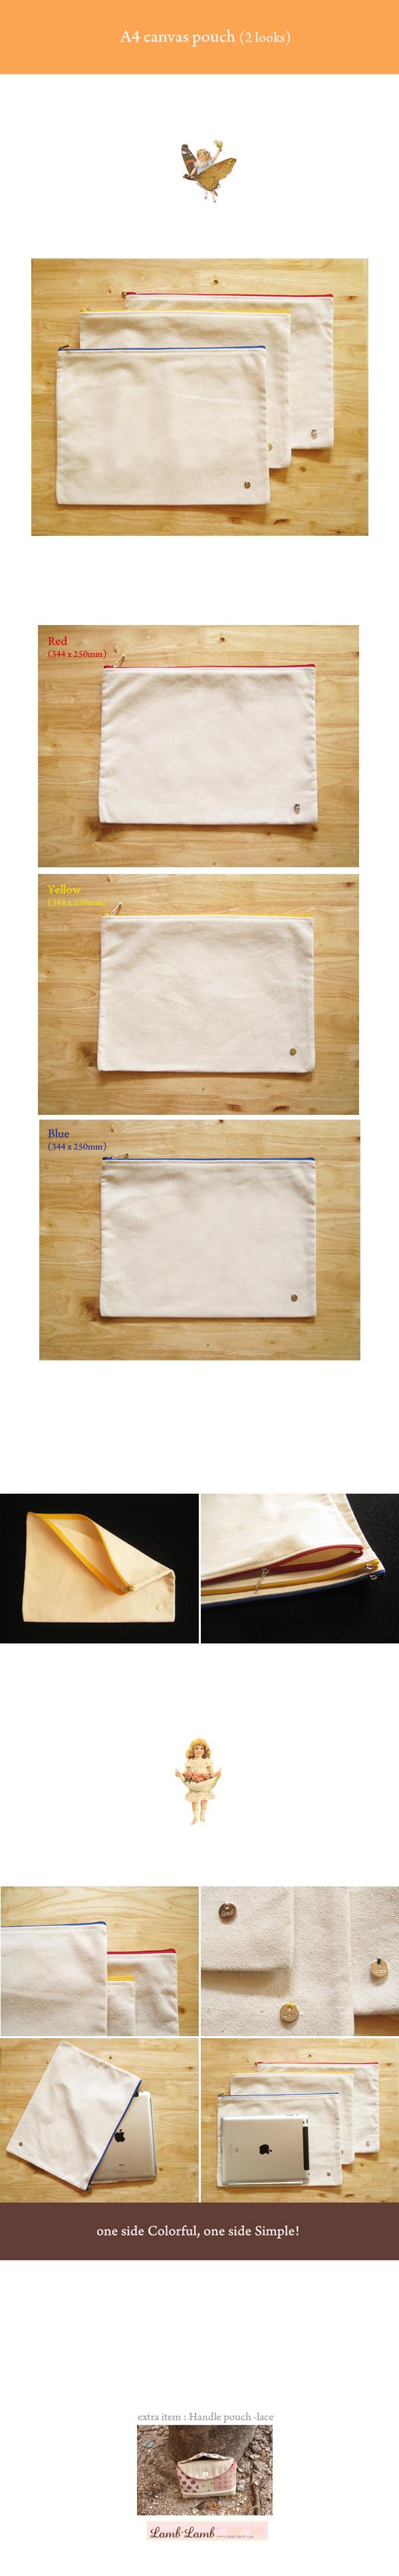 A4 canvas pouch (2 looks) - 램램, 15,000원, 트래블팩단품, 멀티파우치